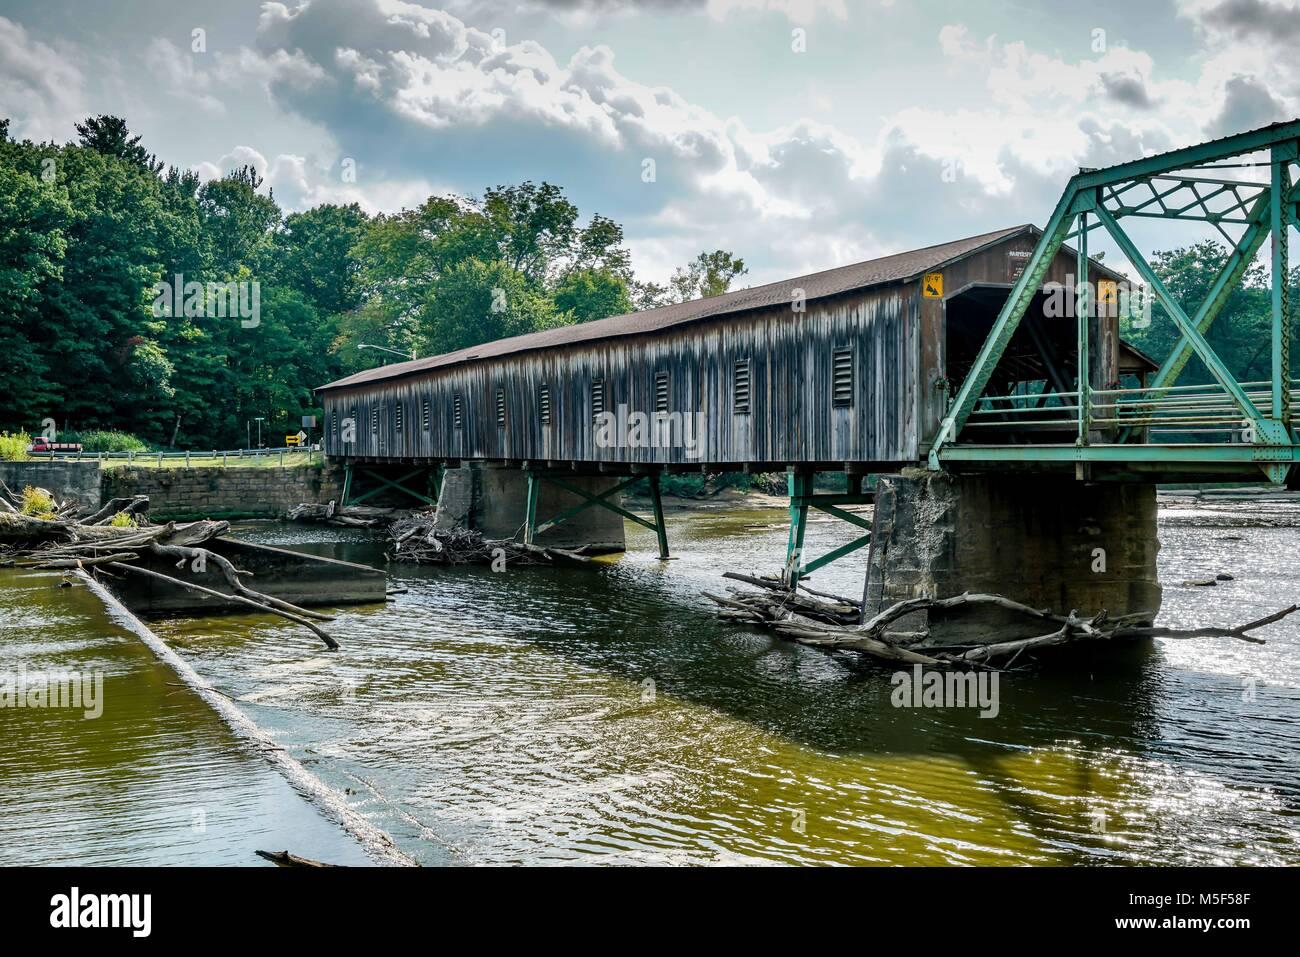 Esto es Harpersfield puente cubierto, que atraviesa el río Grande en el noreste de Ohio el puente tiene más Imagen De Stock